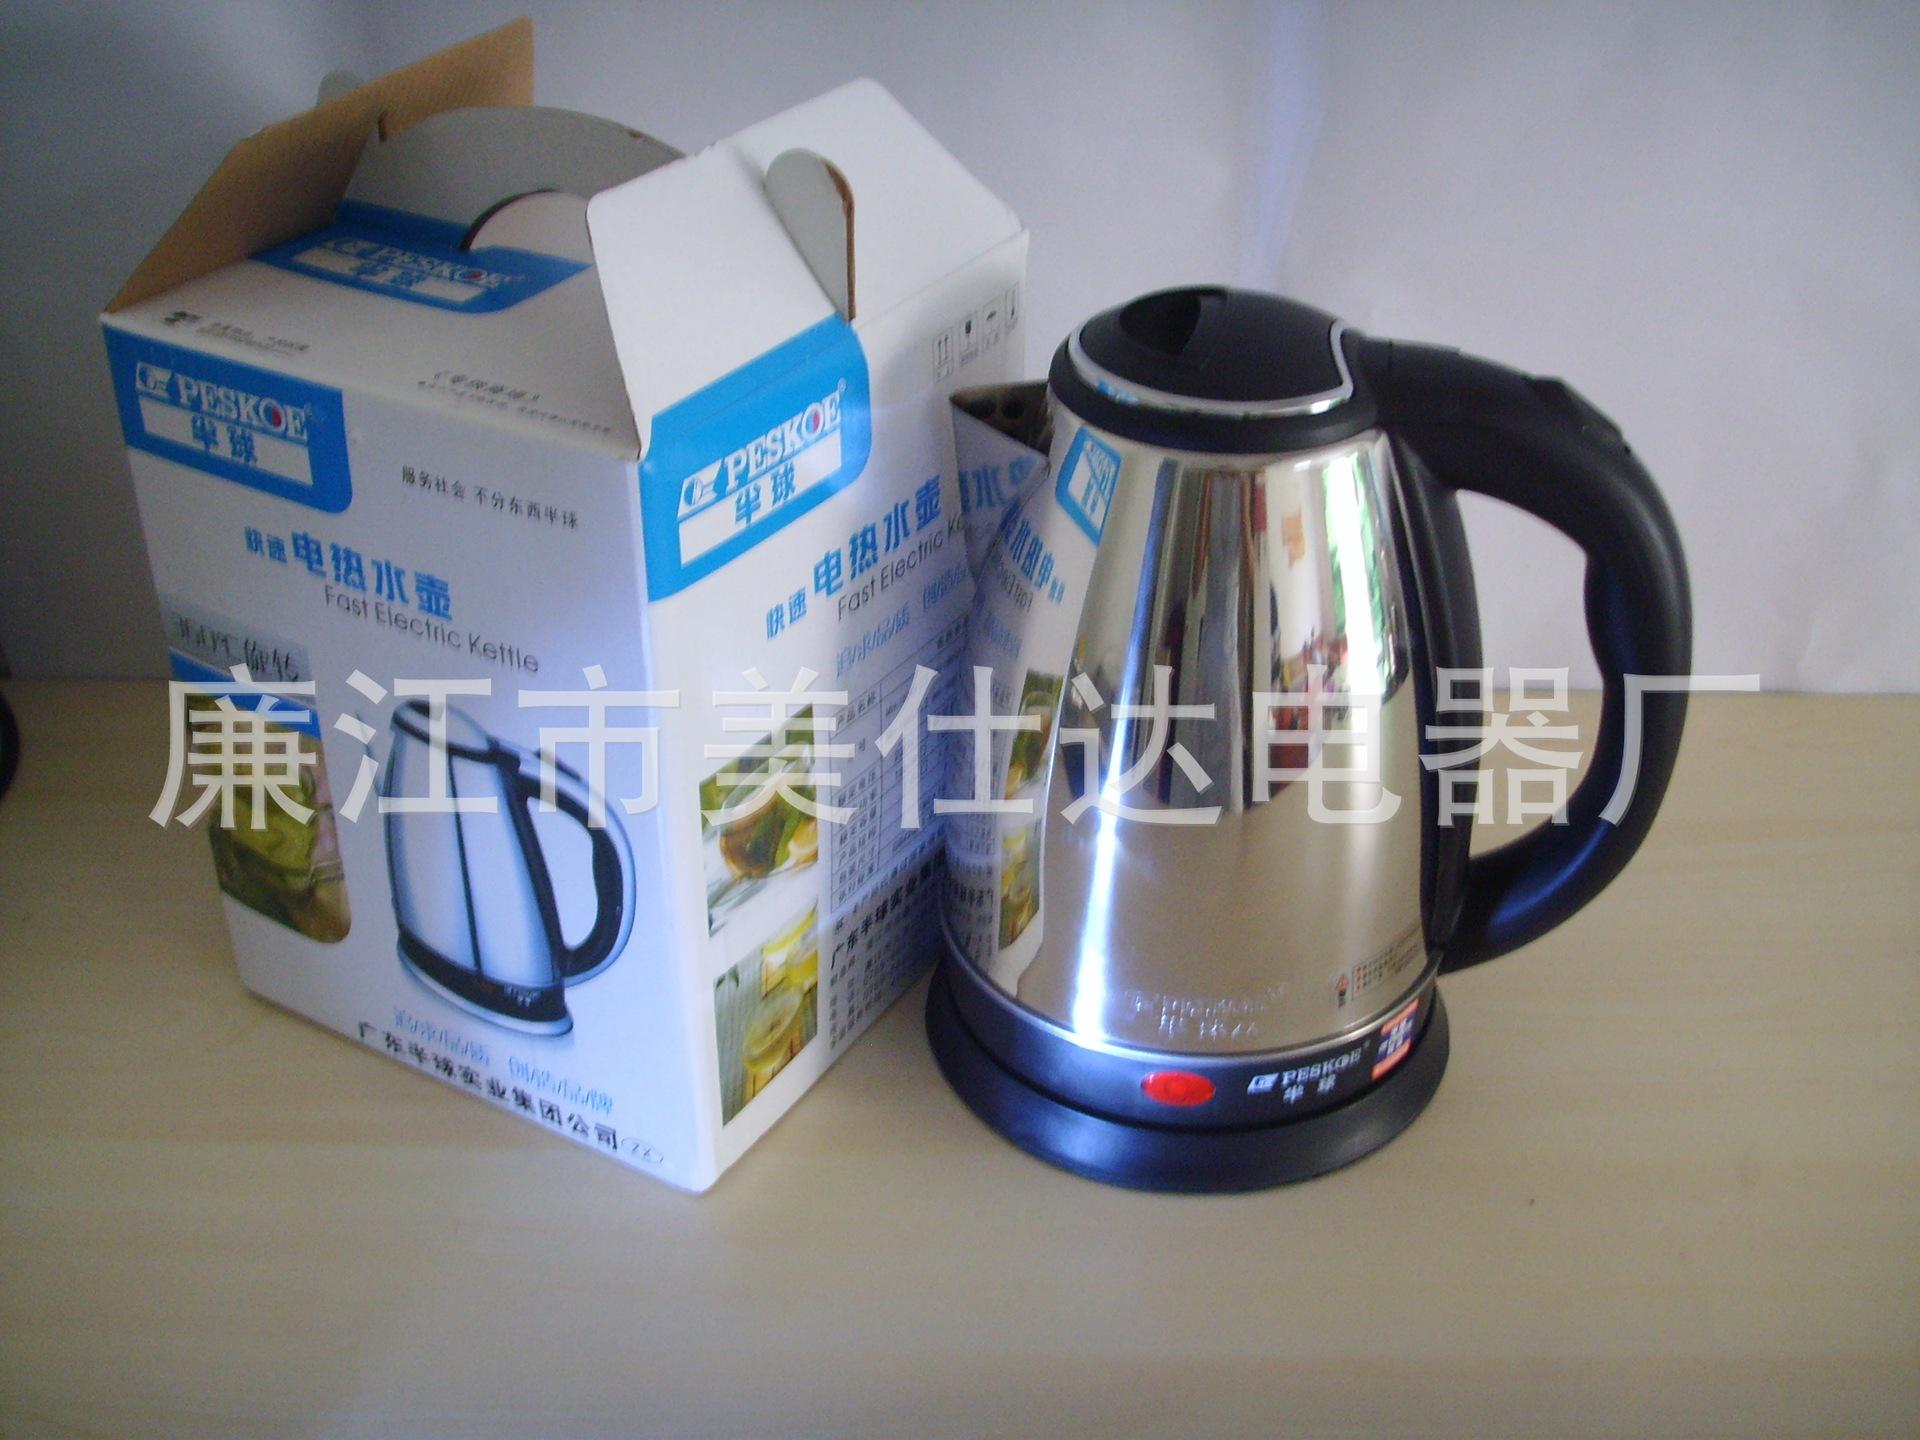 厂家直销 正品半球2.0L不锈钢电热水壶 质量保证 价格优惠 电水壶